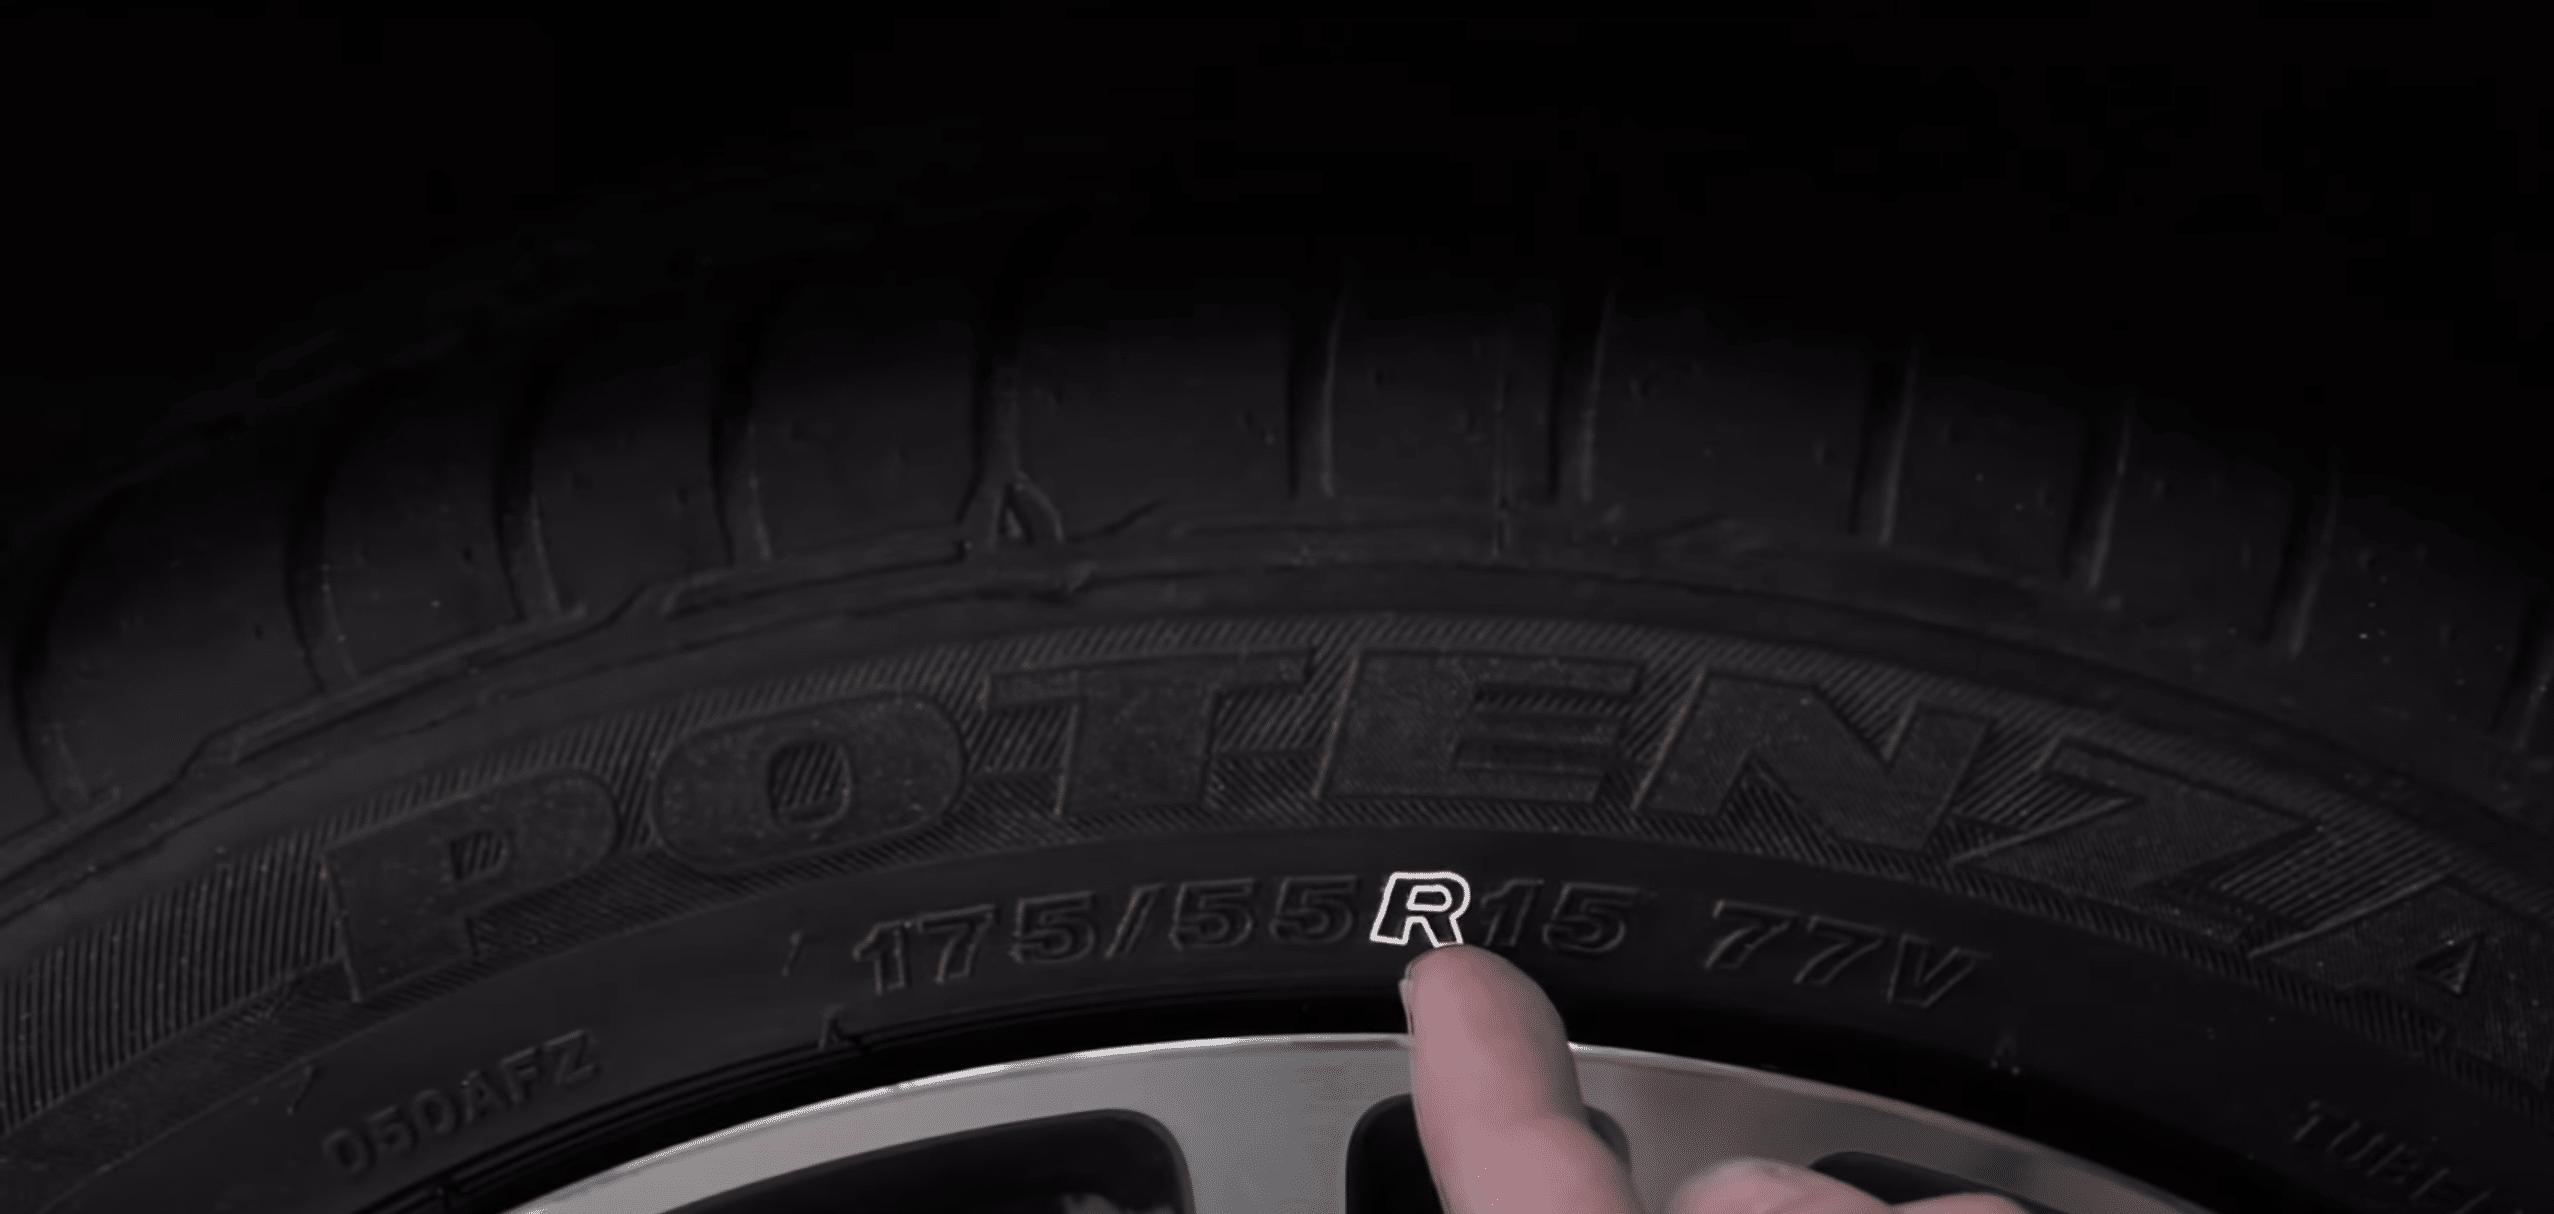 ¿Cómo leer el código en la parte lateral de un neumático o llanta?